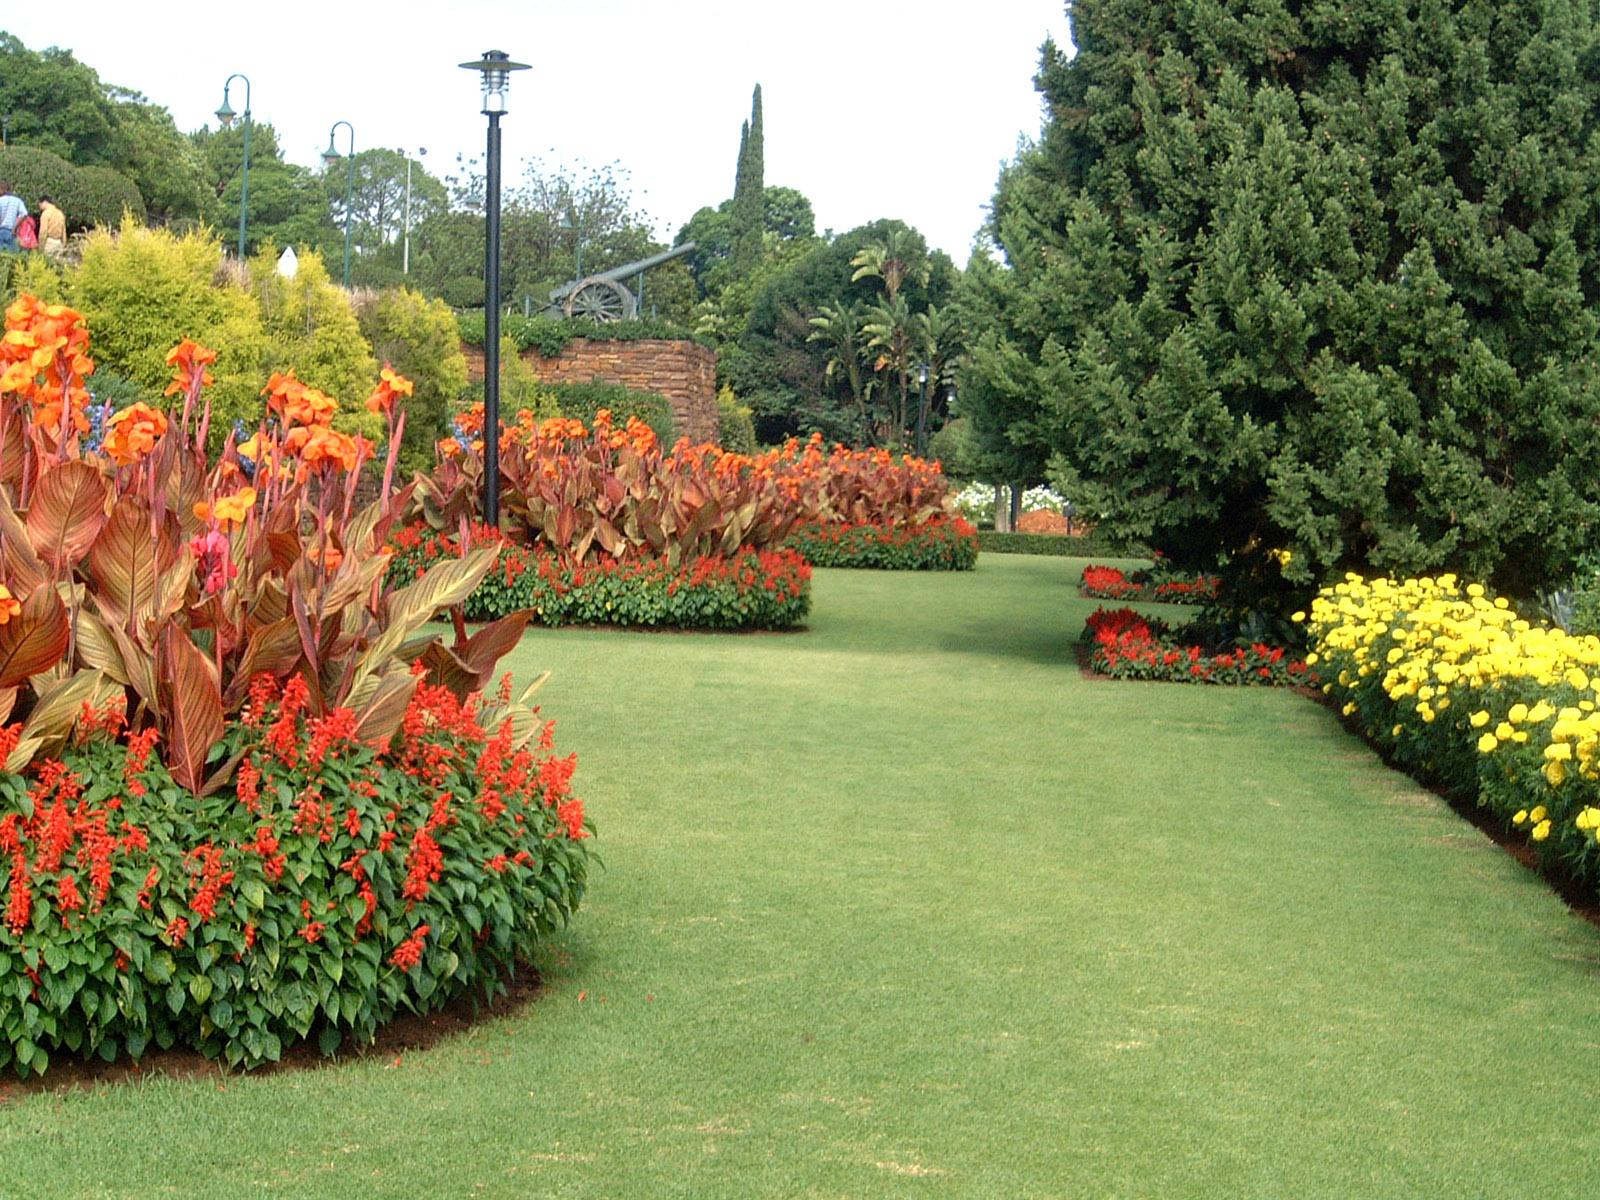 figuras de paisagens da grama imagens coloridas